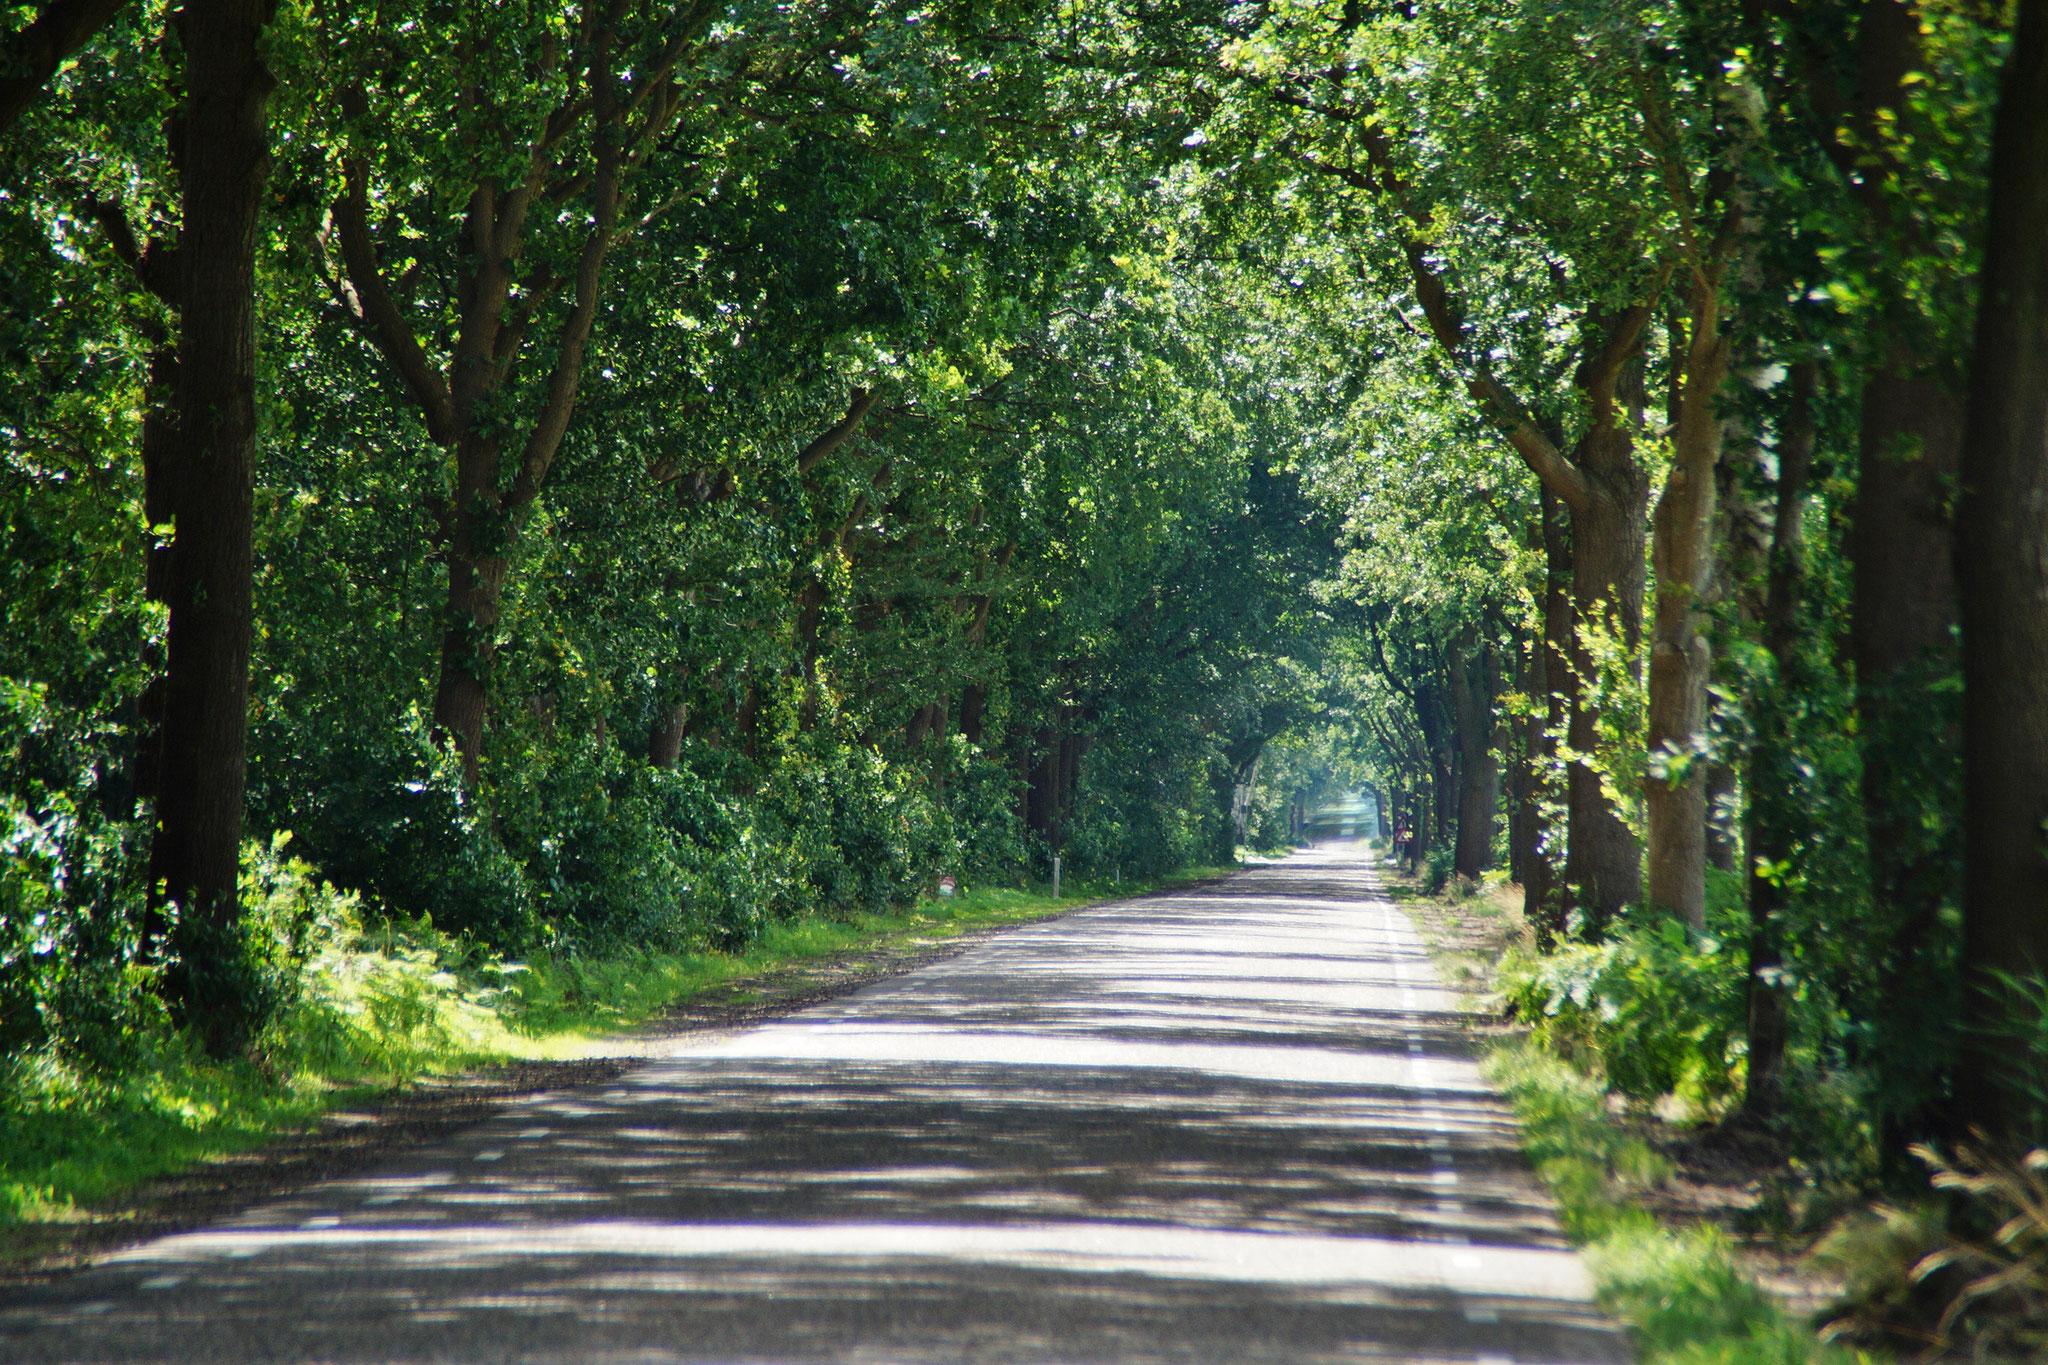 Der Schatten der Bäume bringt Abkühlung